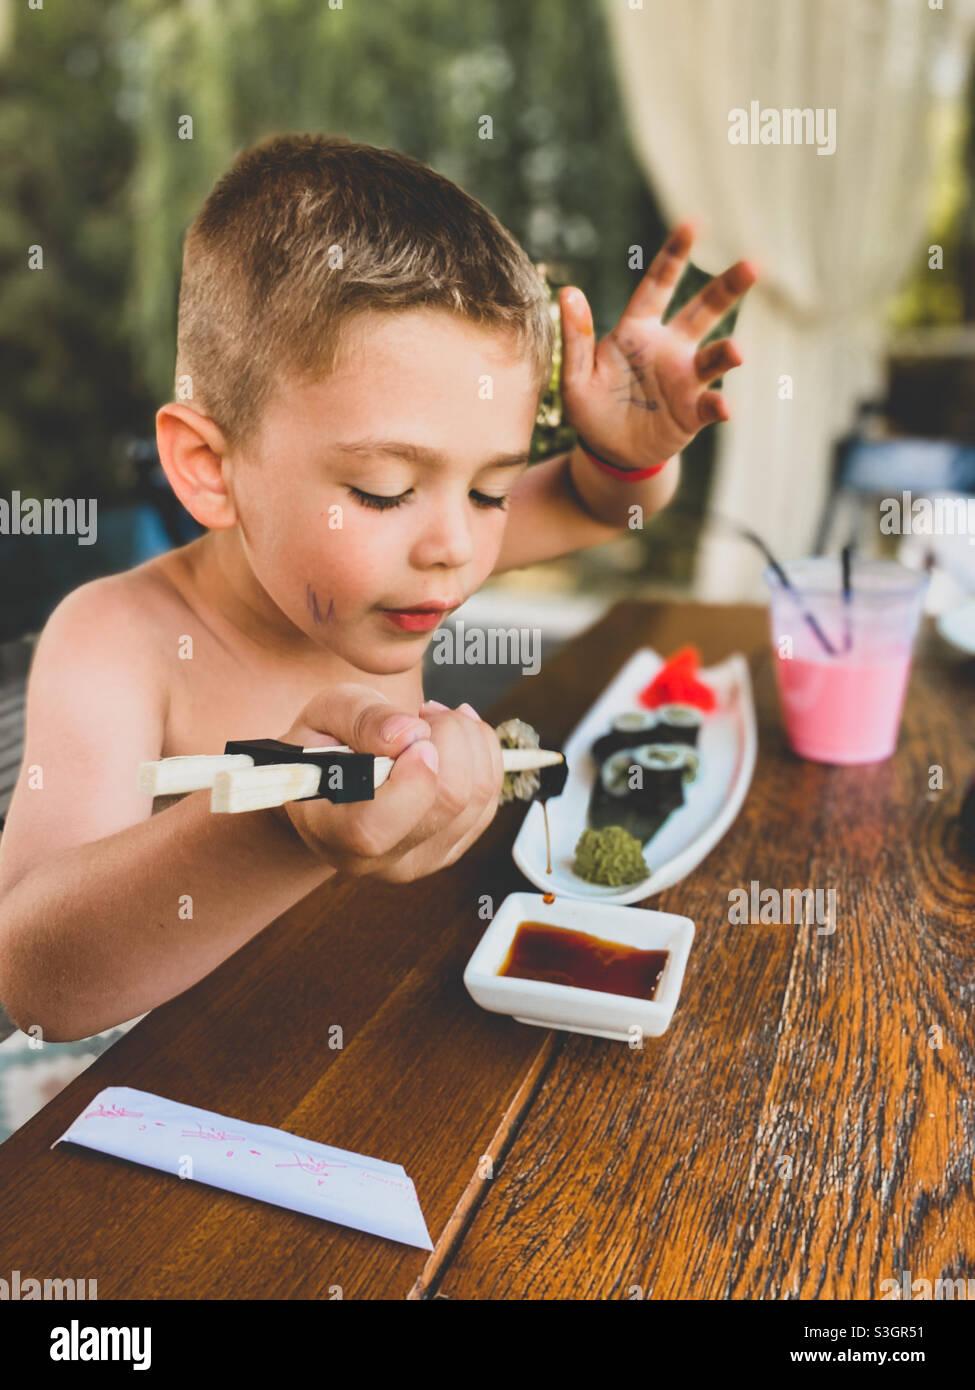 Ragazzo di cinque anni che mangia sushi e beve una frullato all'aperto Foto Stock